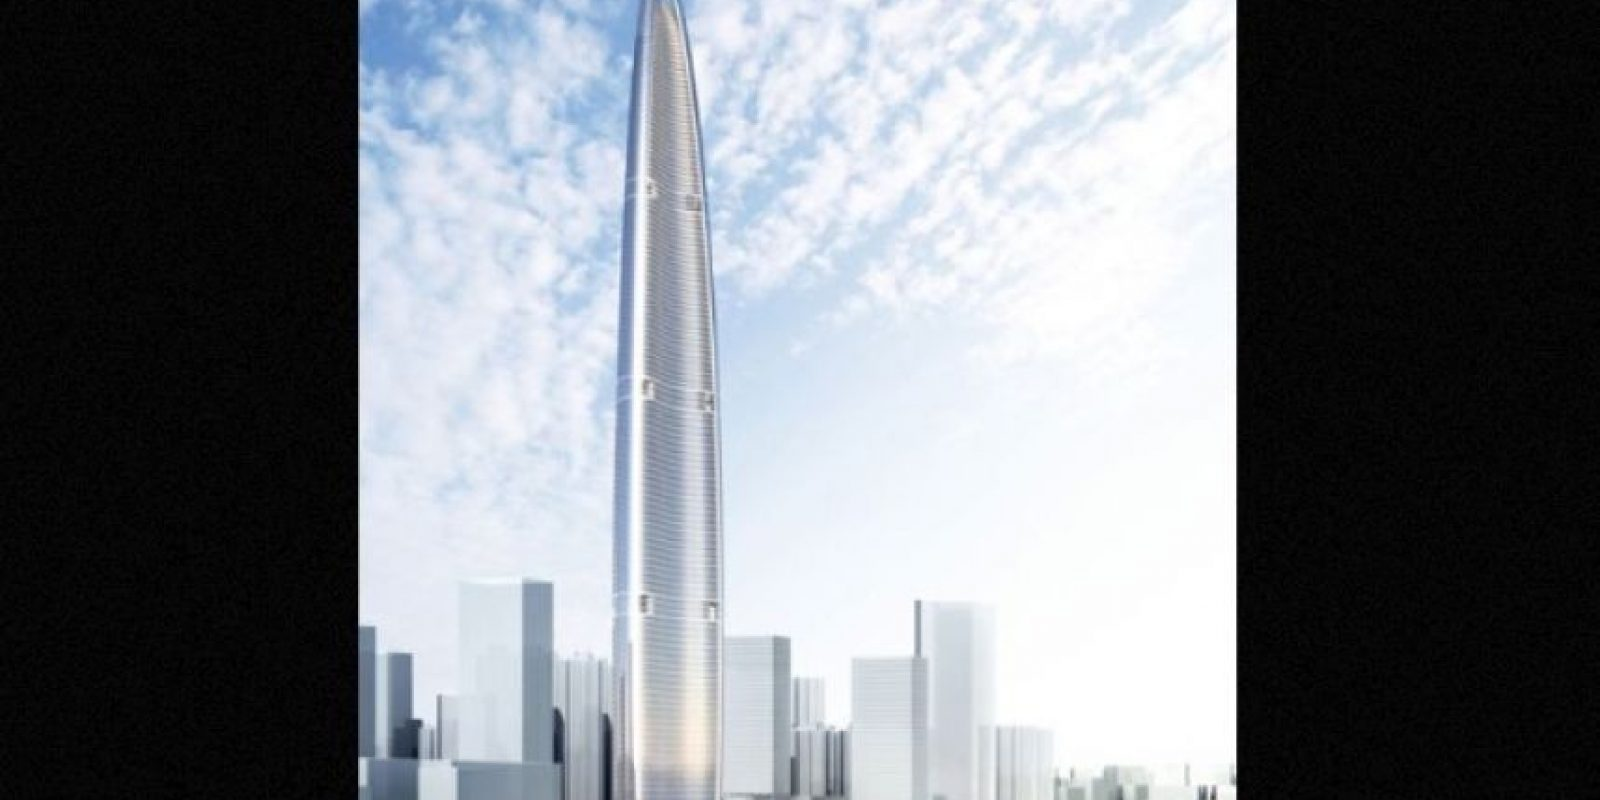 Su costo aproximado es de cuatro mil 500 millones de dólares. Tendrá características amigables con el medio ambiente Foto:Adrian Smith + Gordon Gill Architecture – Skyscrapercenter.com